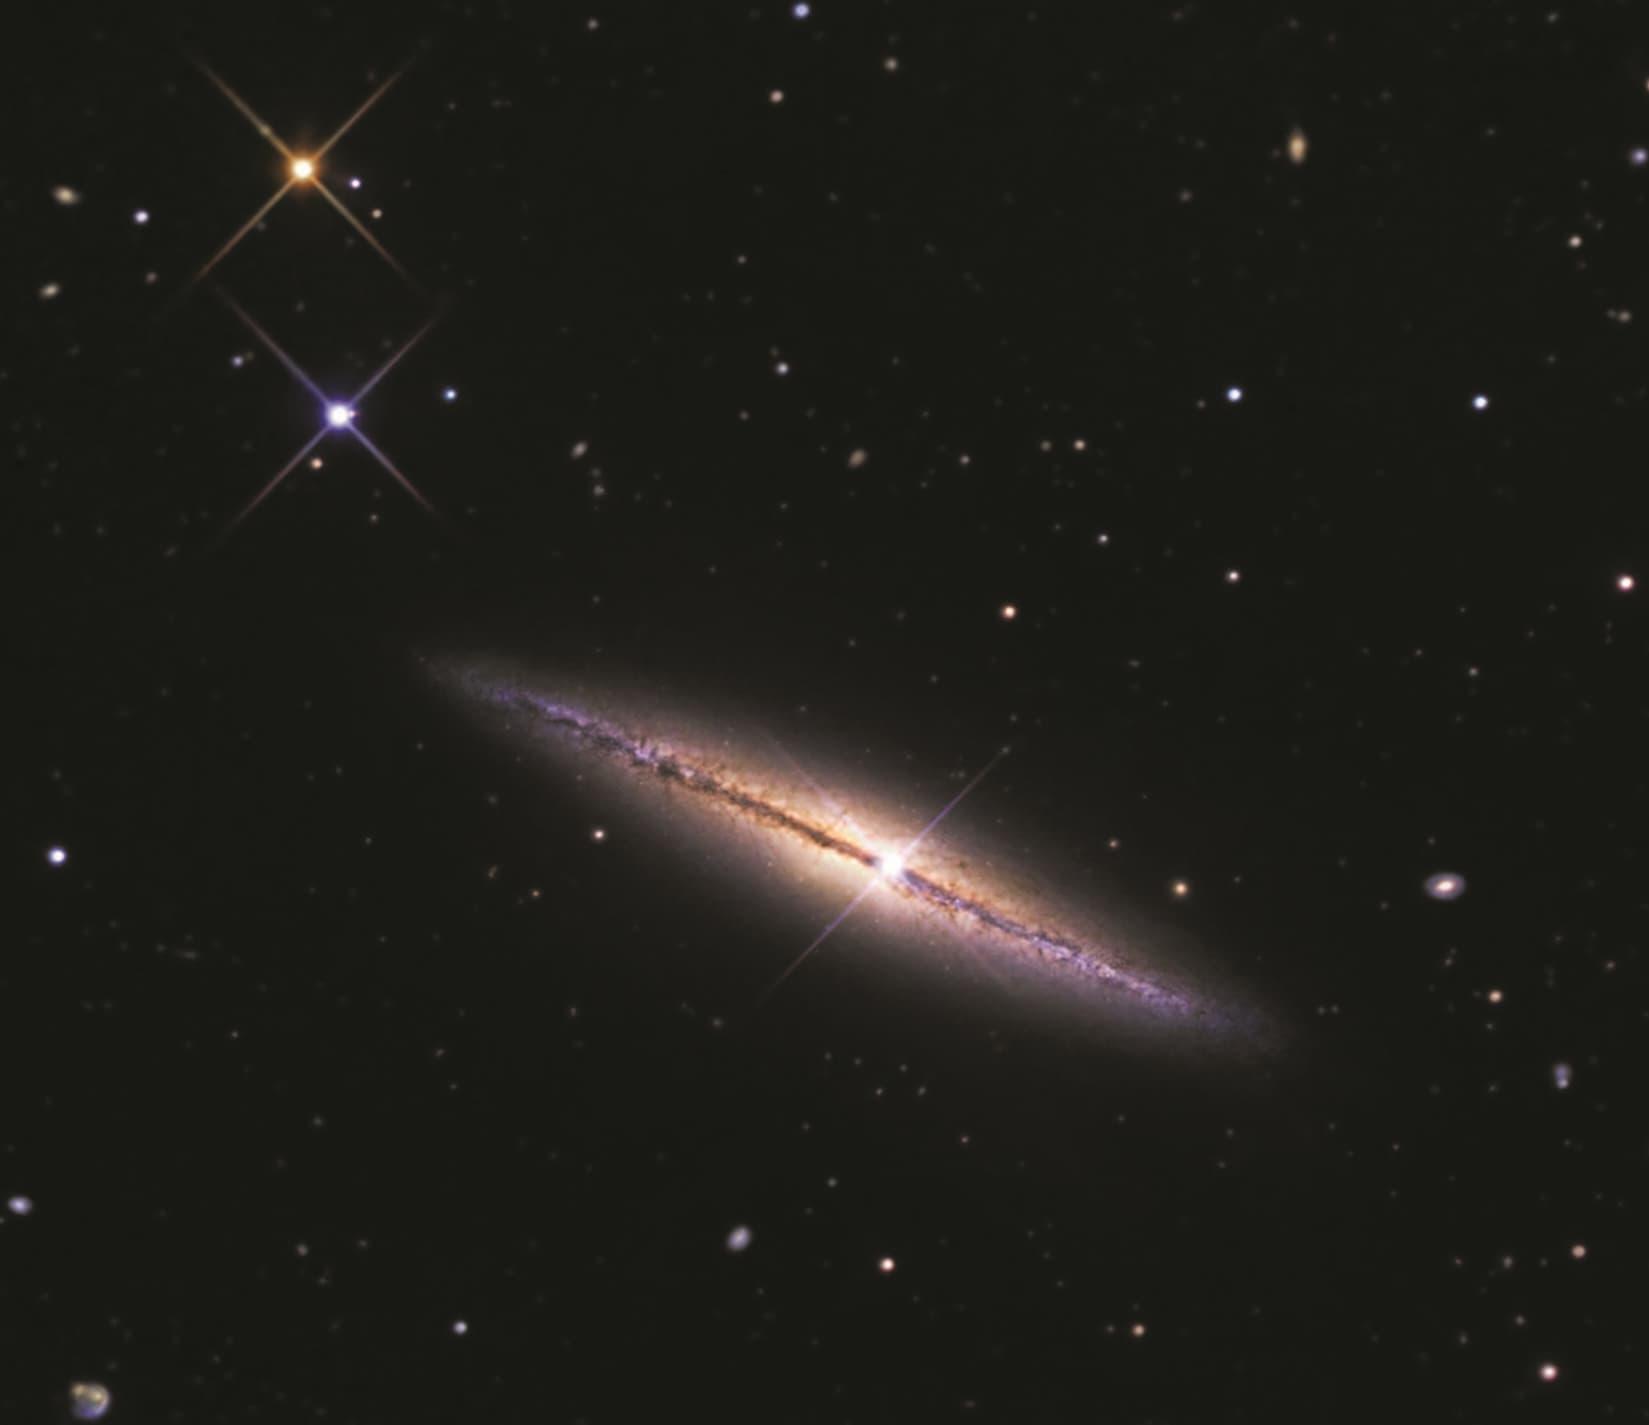 NGC 4013